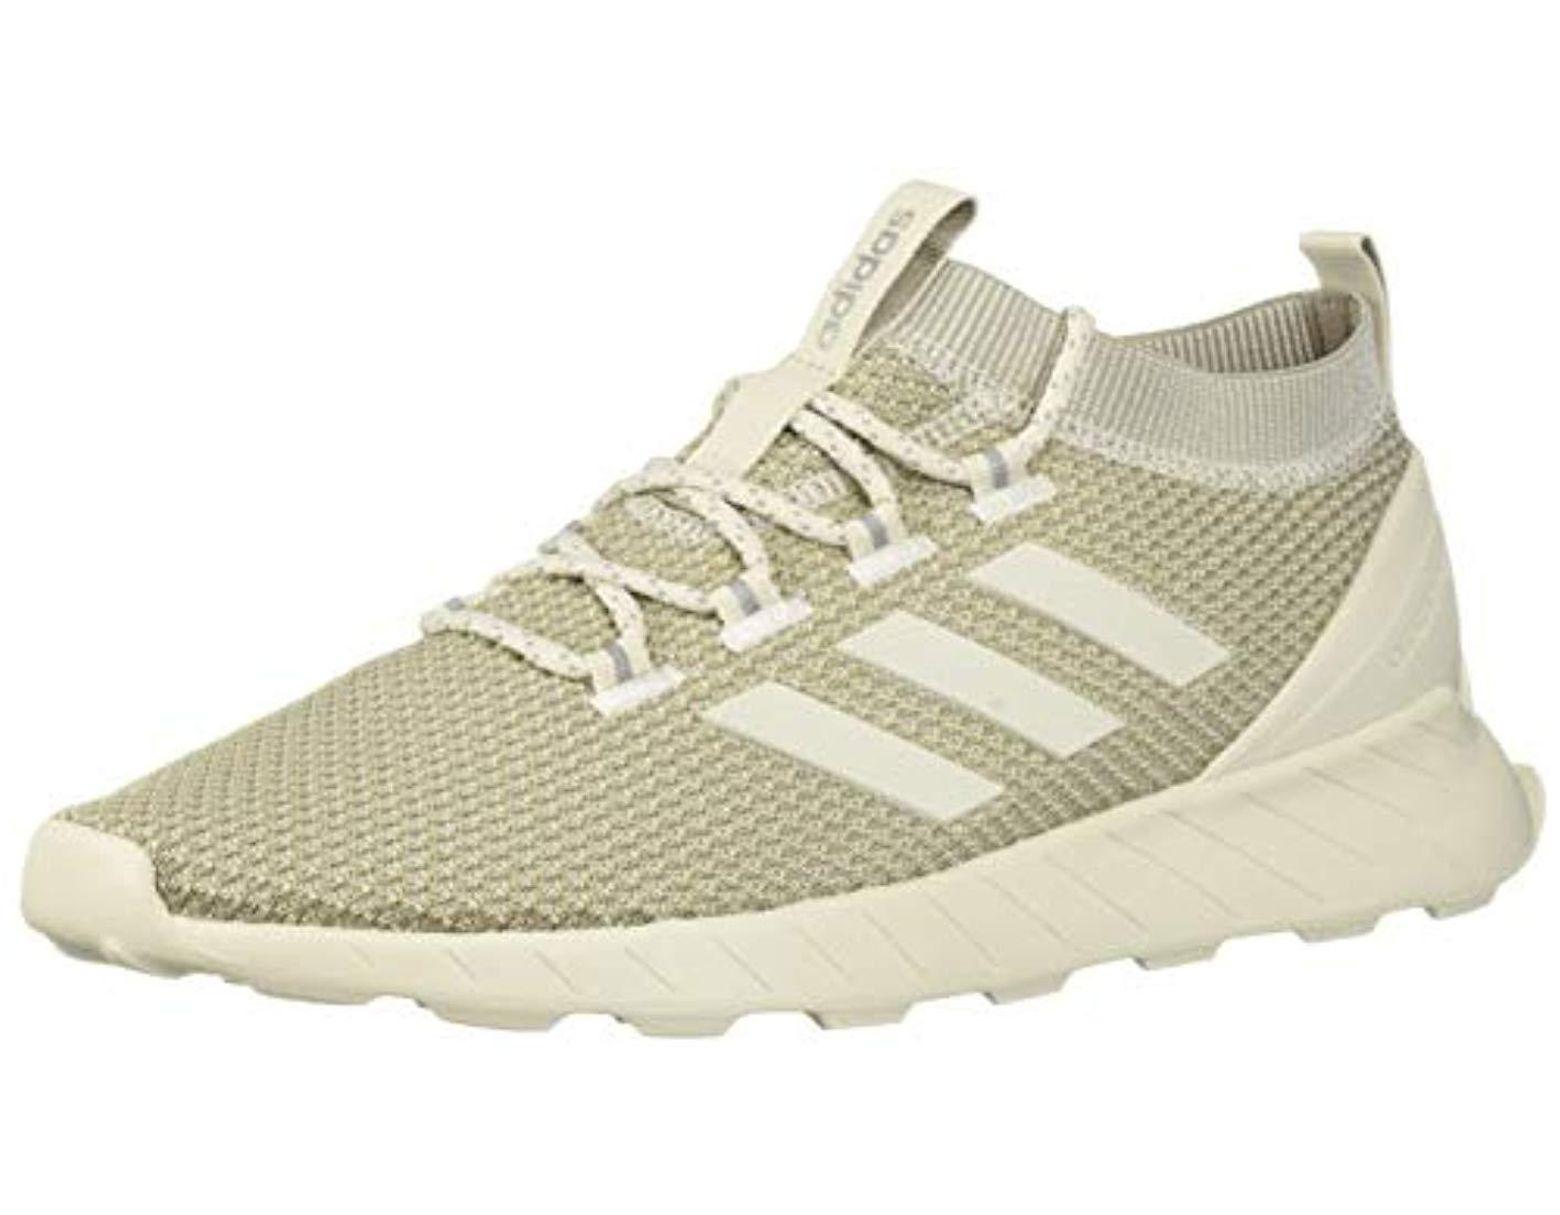 fe4e8b3d80f78 Men's White Questar Rise Running Shoe